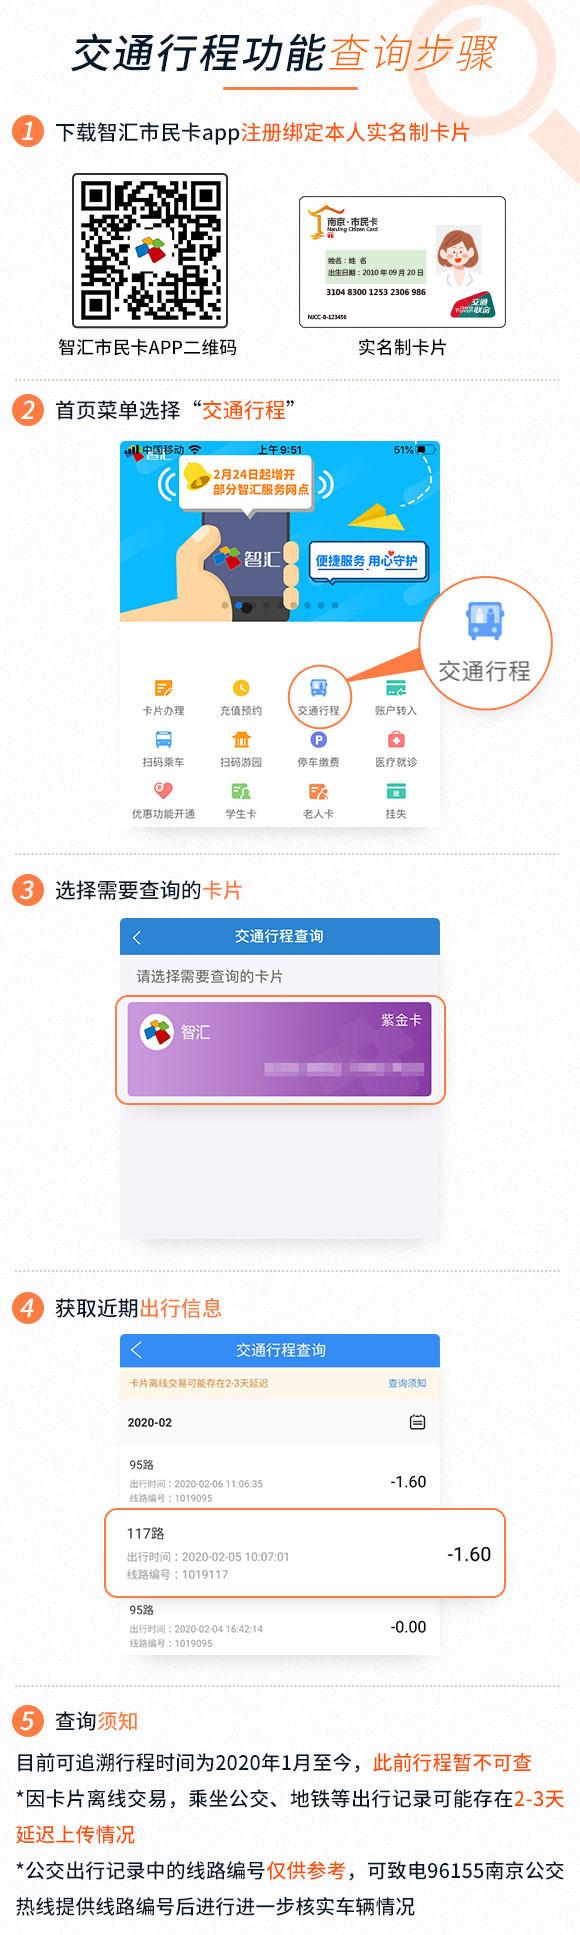 http://www.ysj98.com/jiankang/1940056.html